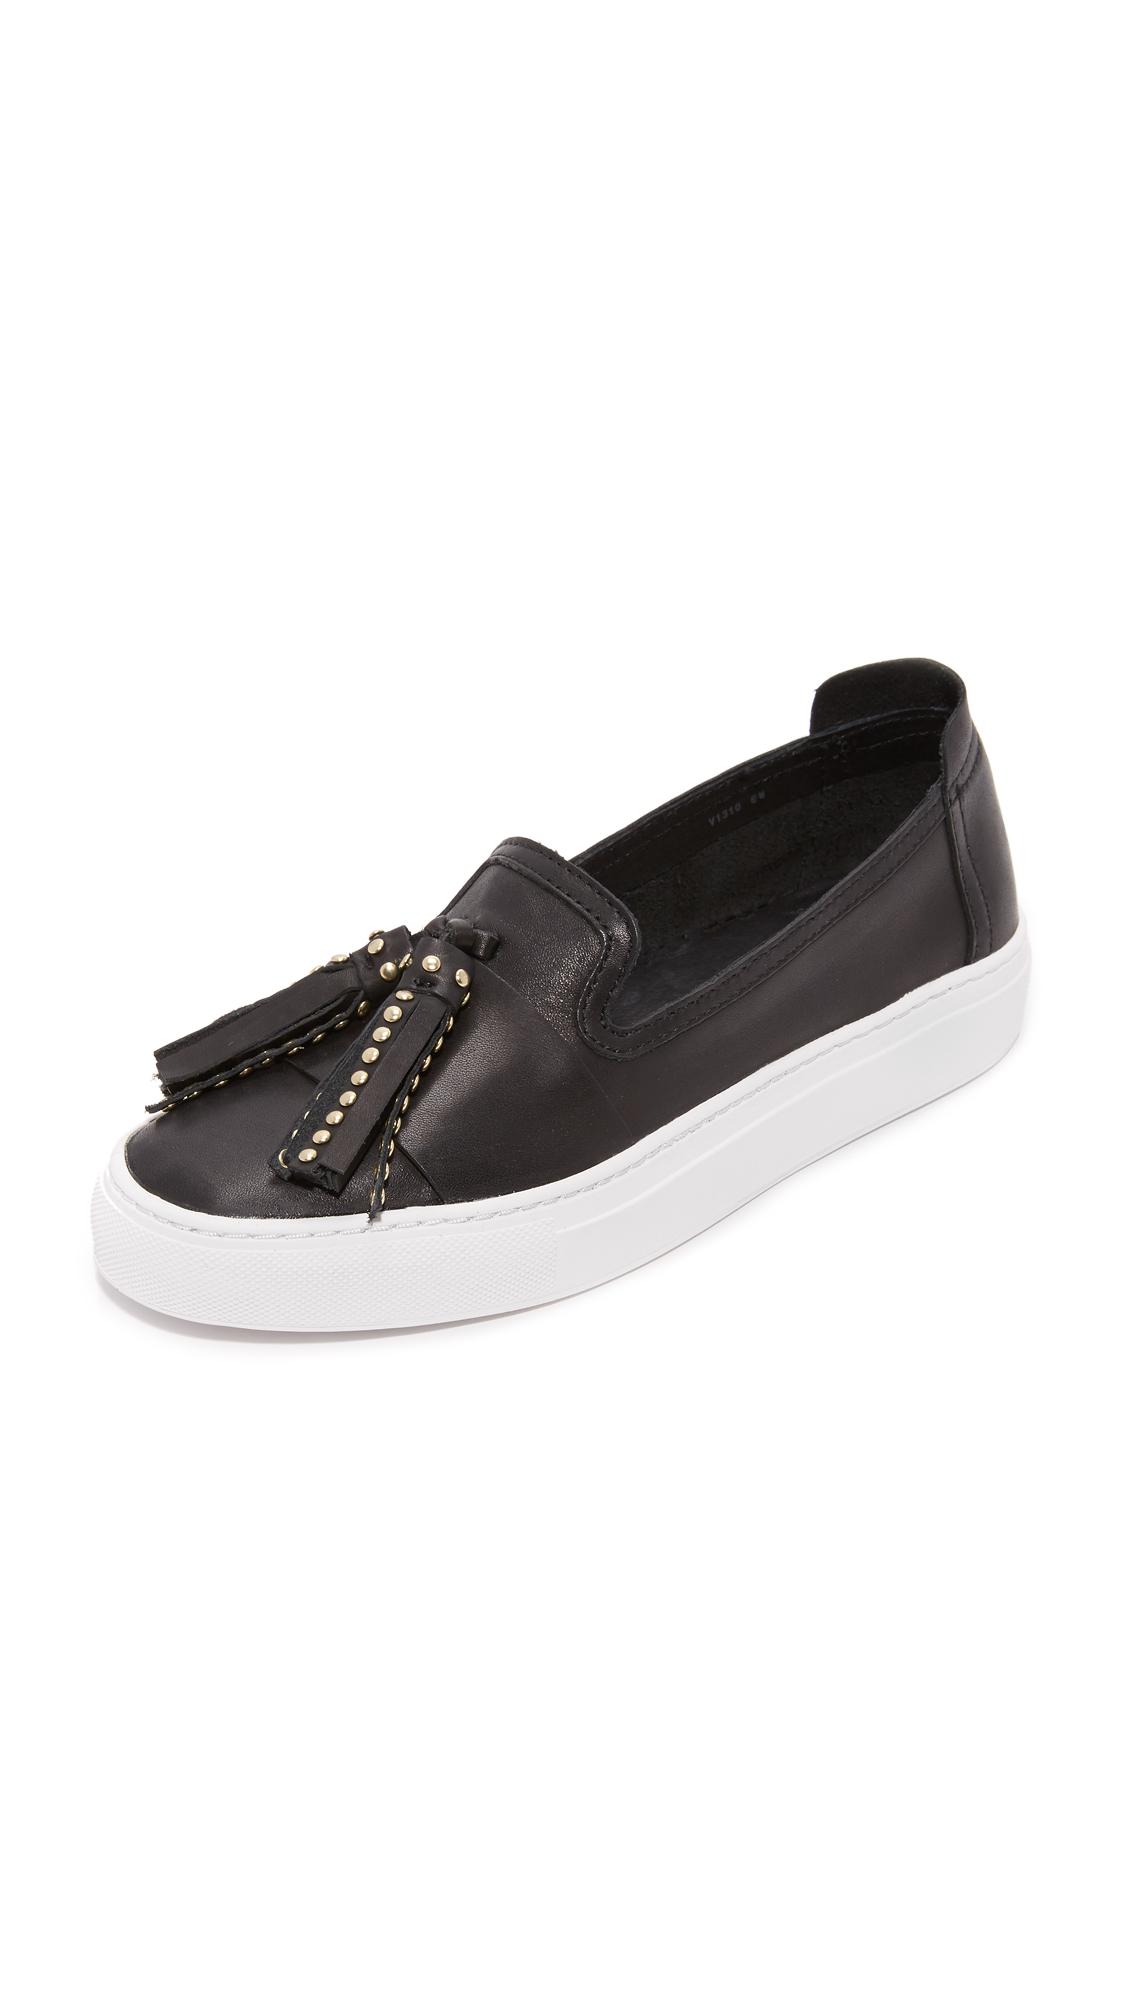 rachel zoe female rachel zoe bern tassel slip on sneakers black